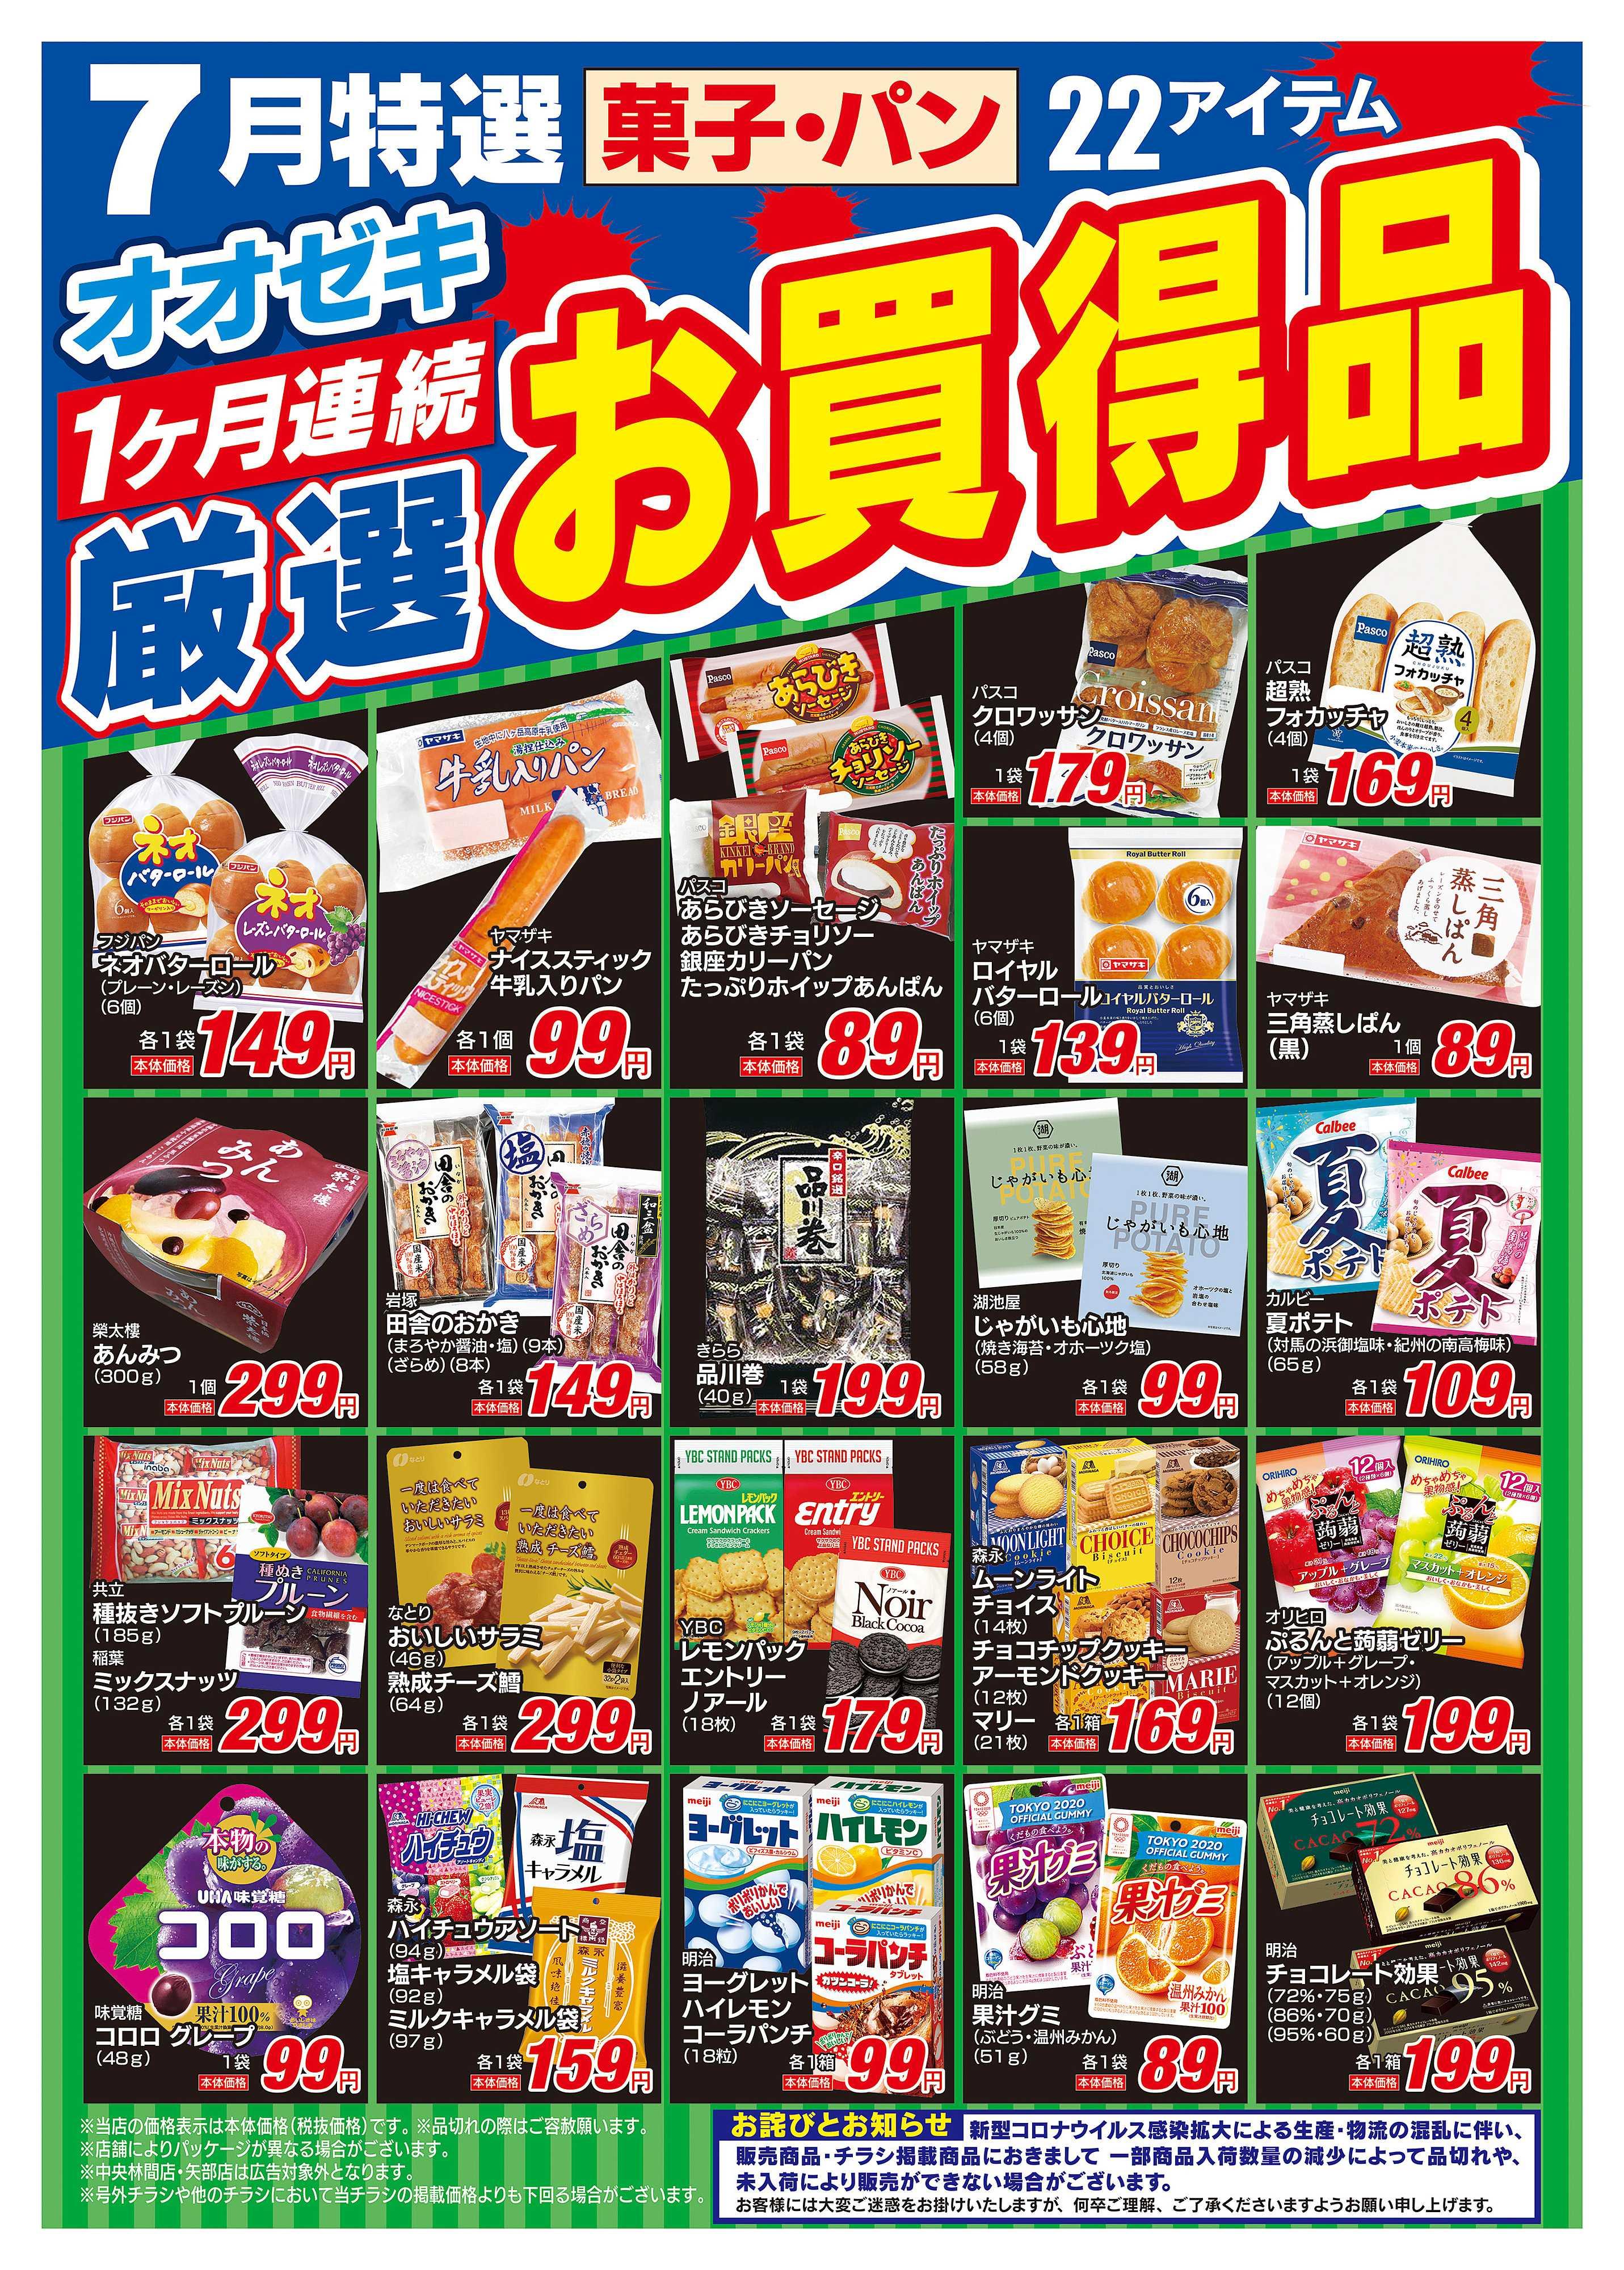 オオゼキ 7月特選菓子・パン 1ヶ月連続厳選お買得品